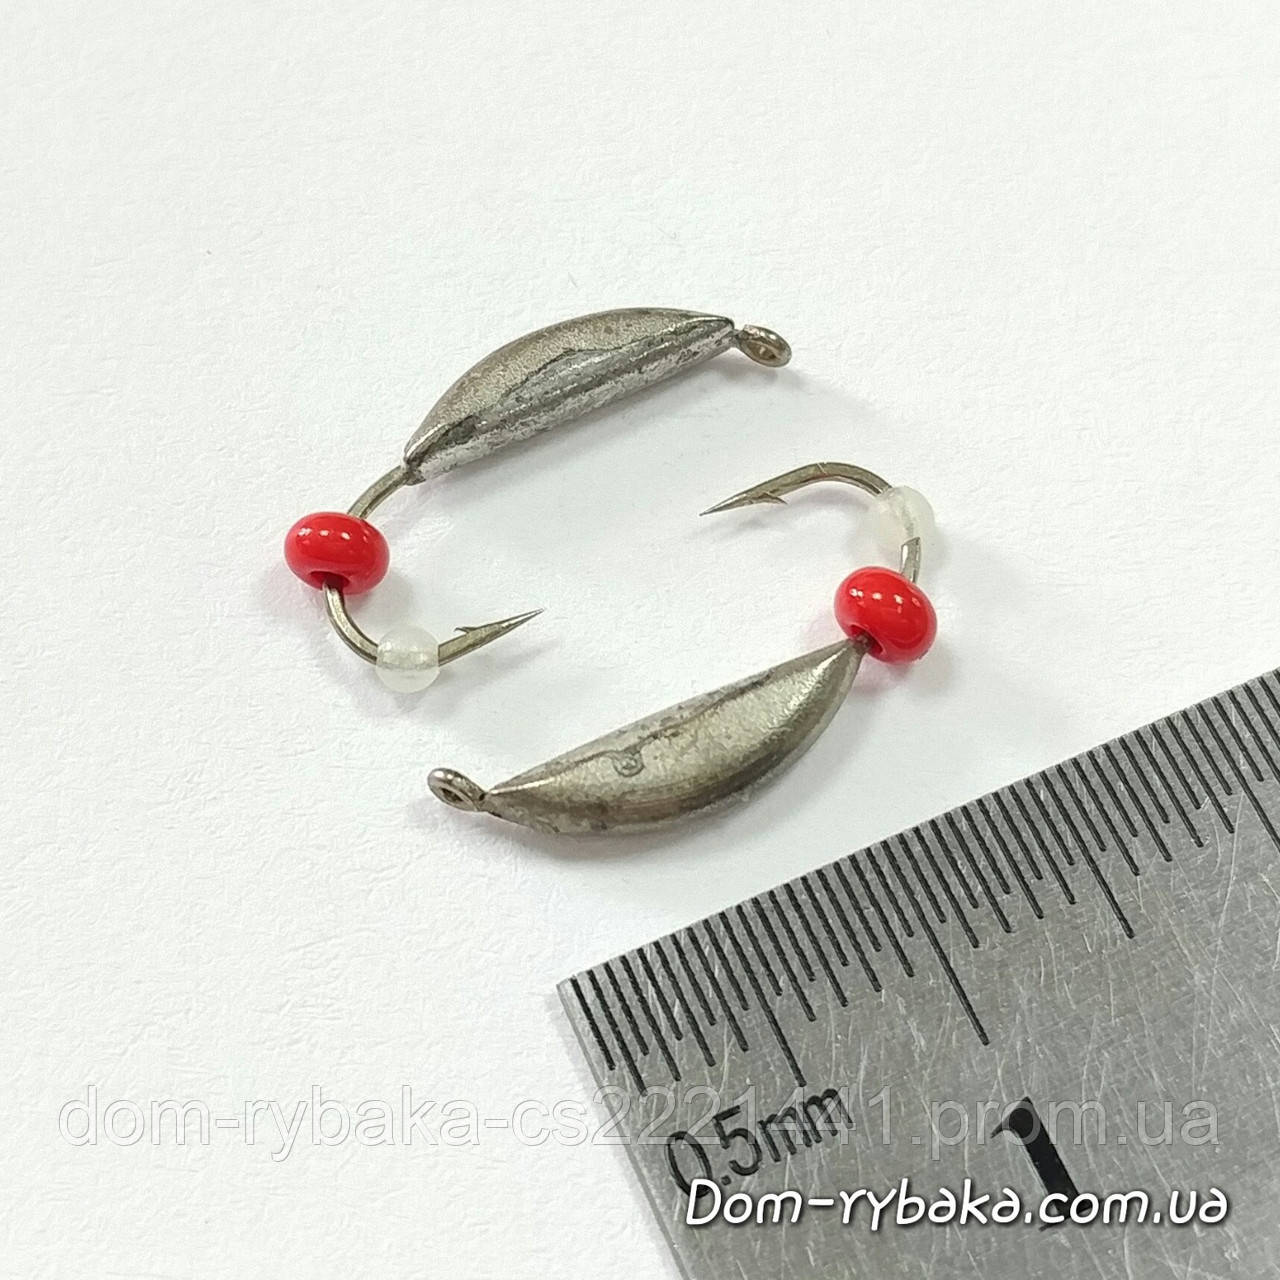 Мормышка вольфрамовая полумесяц #1840 ушко 0.9гр никель(1110504)